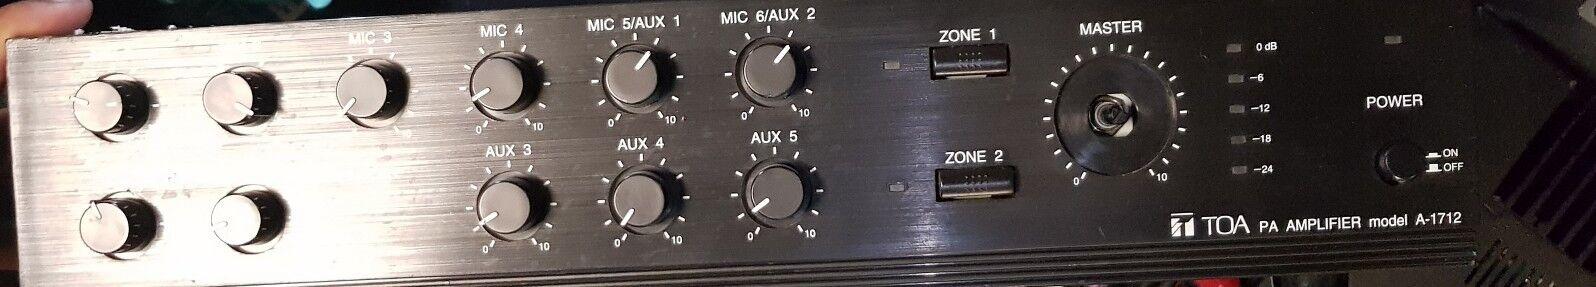 TOA PA Amplifier - A-1712